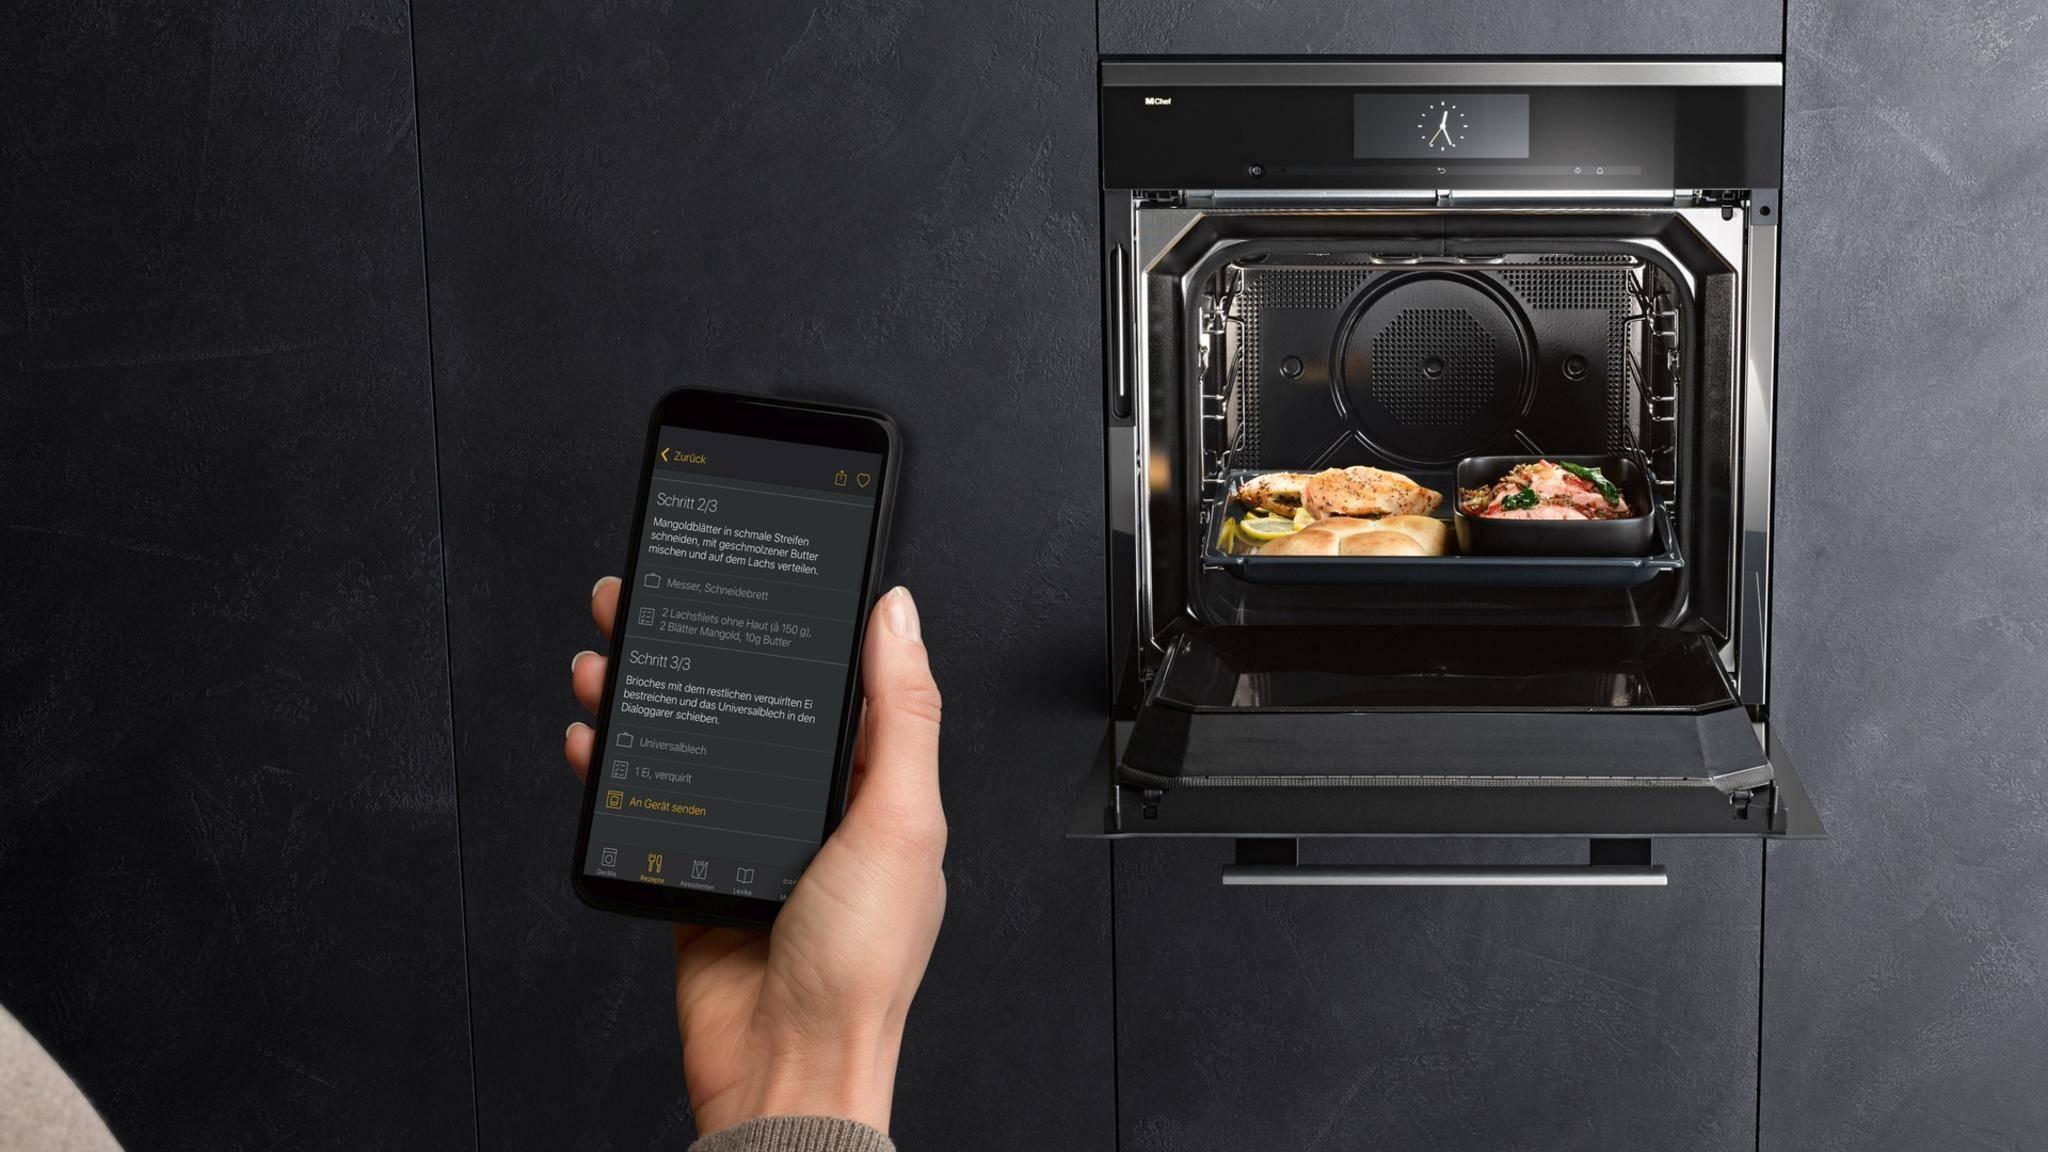 Der Smart-Backofen Dialoggarer von Miele setzt für das Erwärmen von Speisen auf eine völlig neue Technologie.